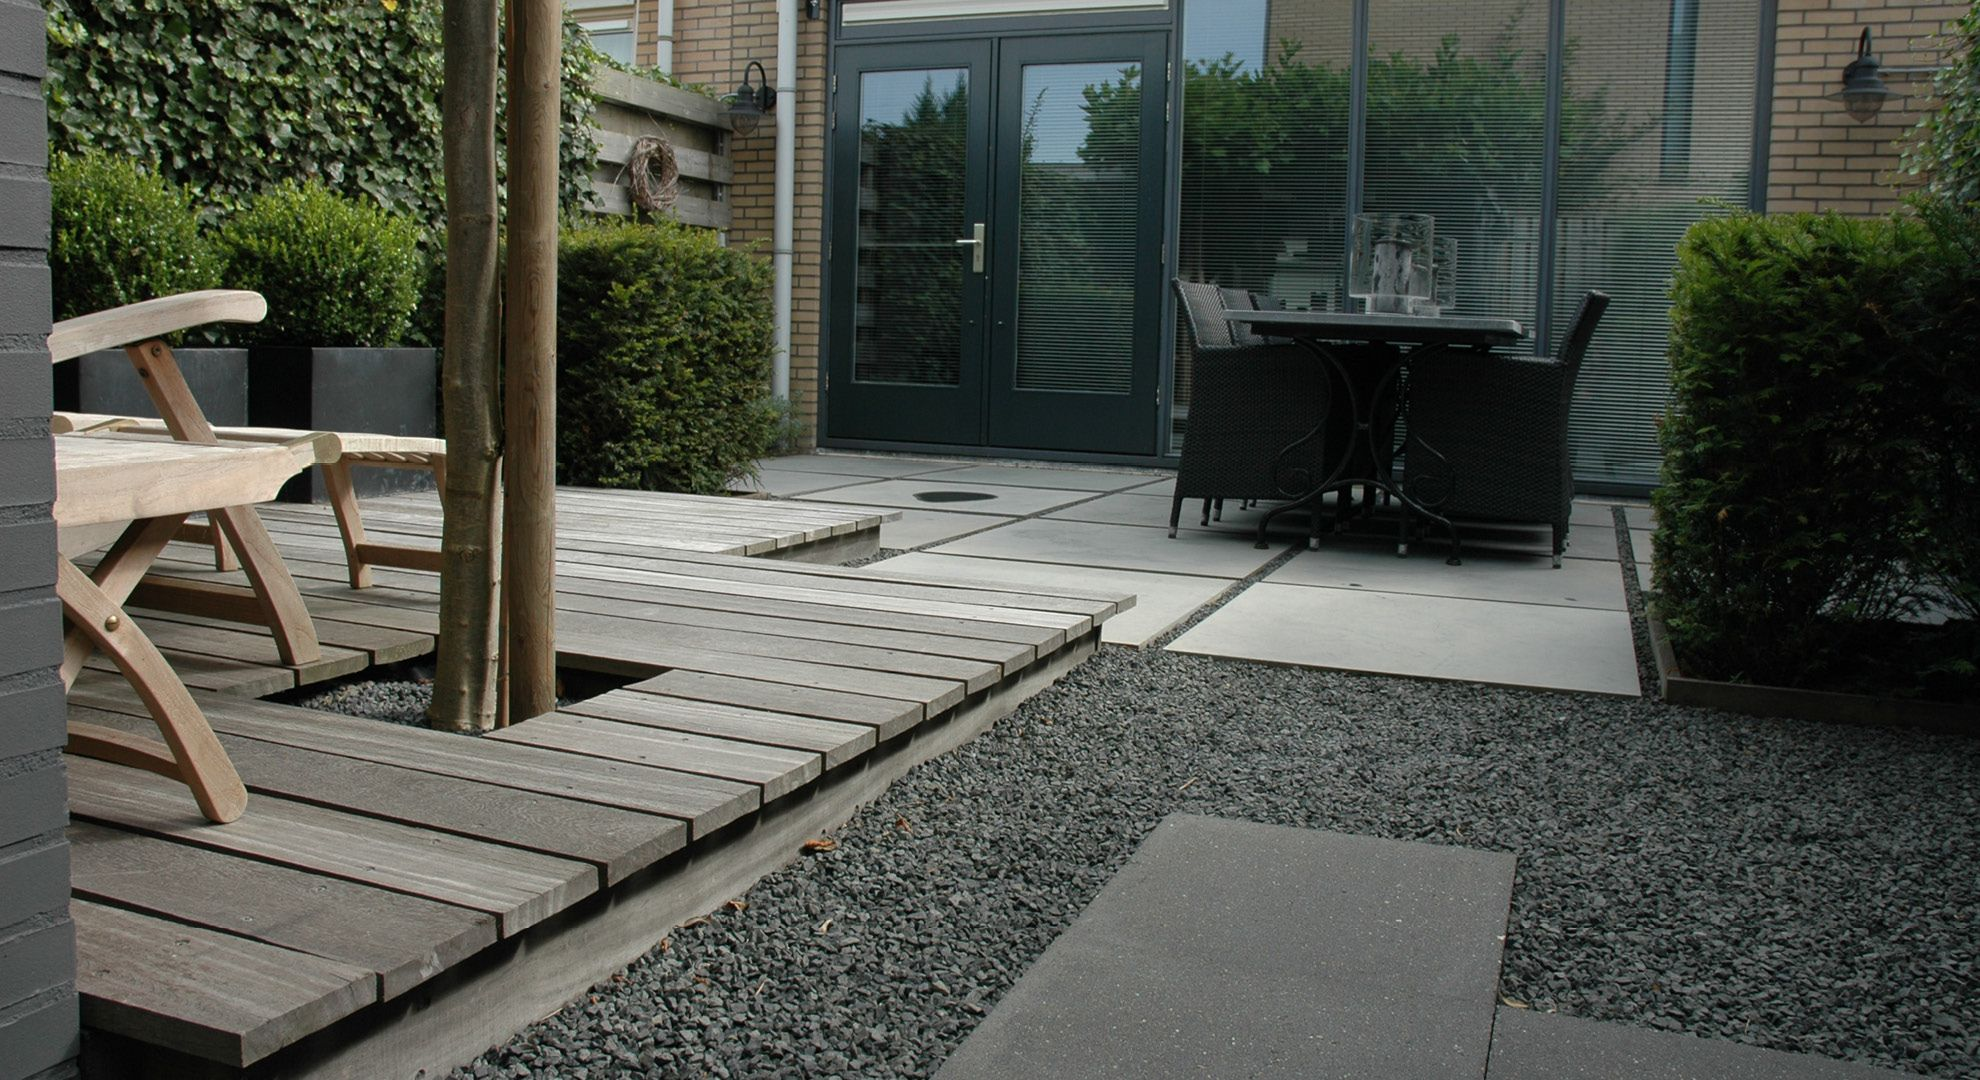 Rodenburg tuinen moderne achtertuin met vlonder deze kleine achtertuin heeft elementen die de - Hoe aangelegde tuin ...